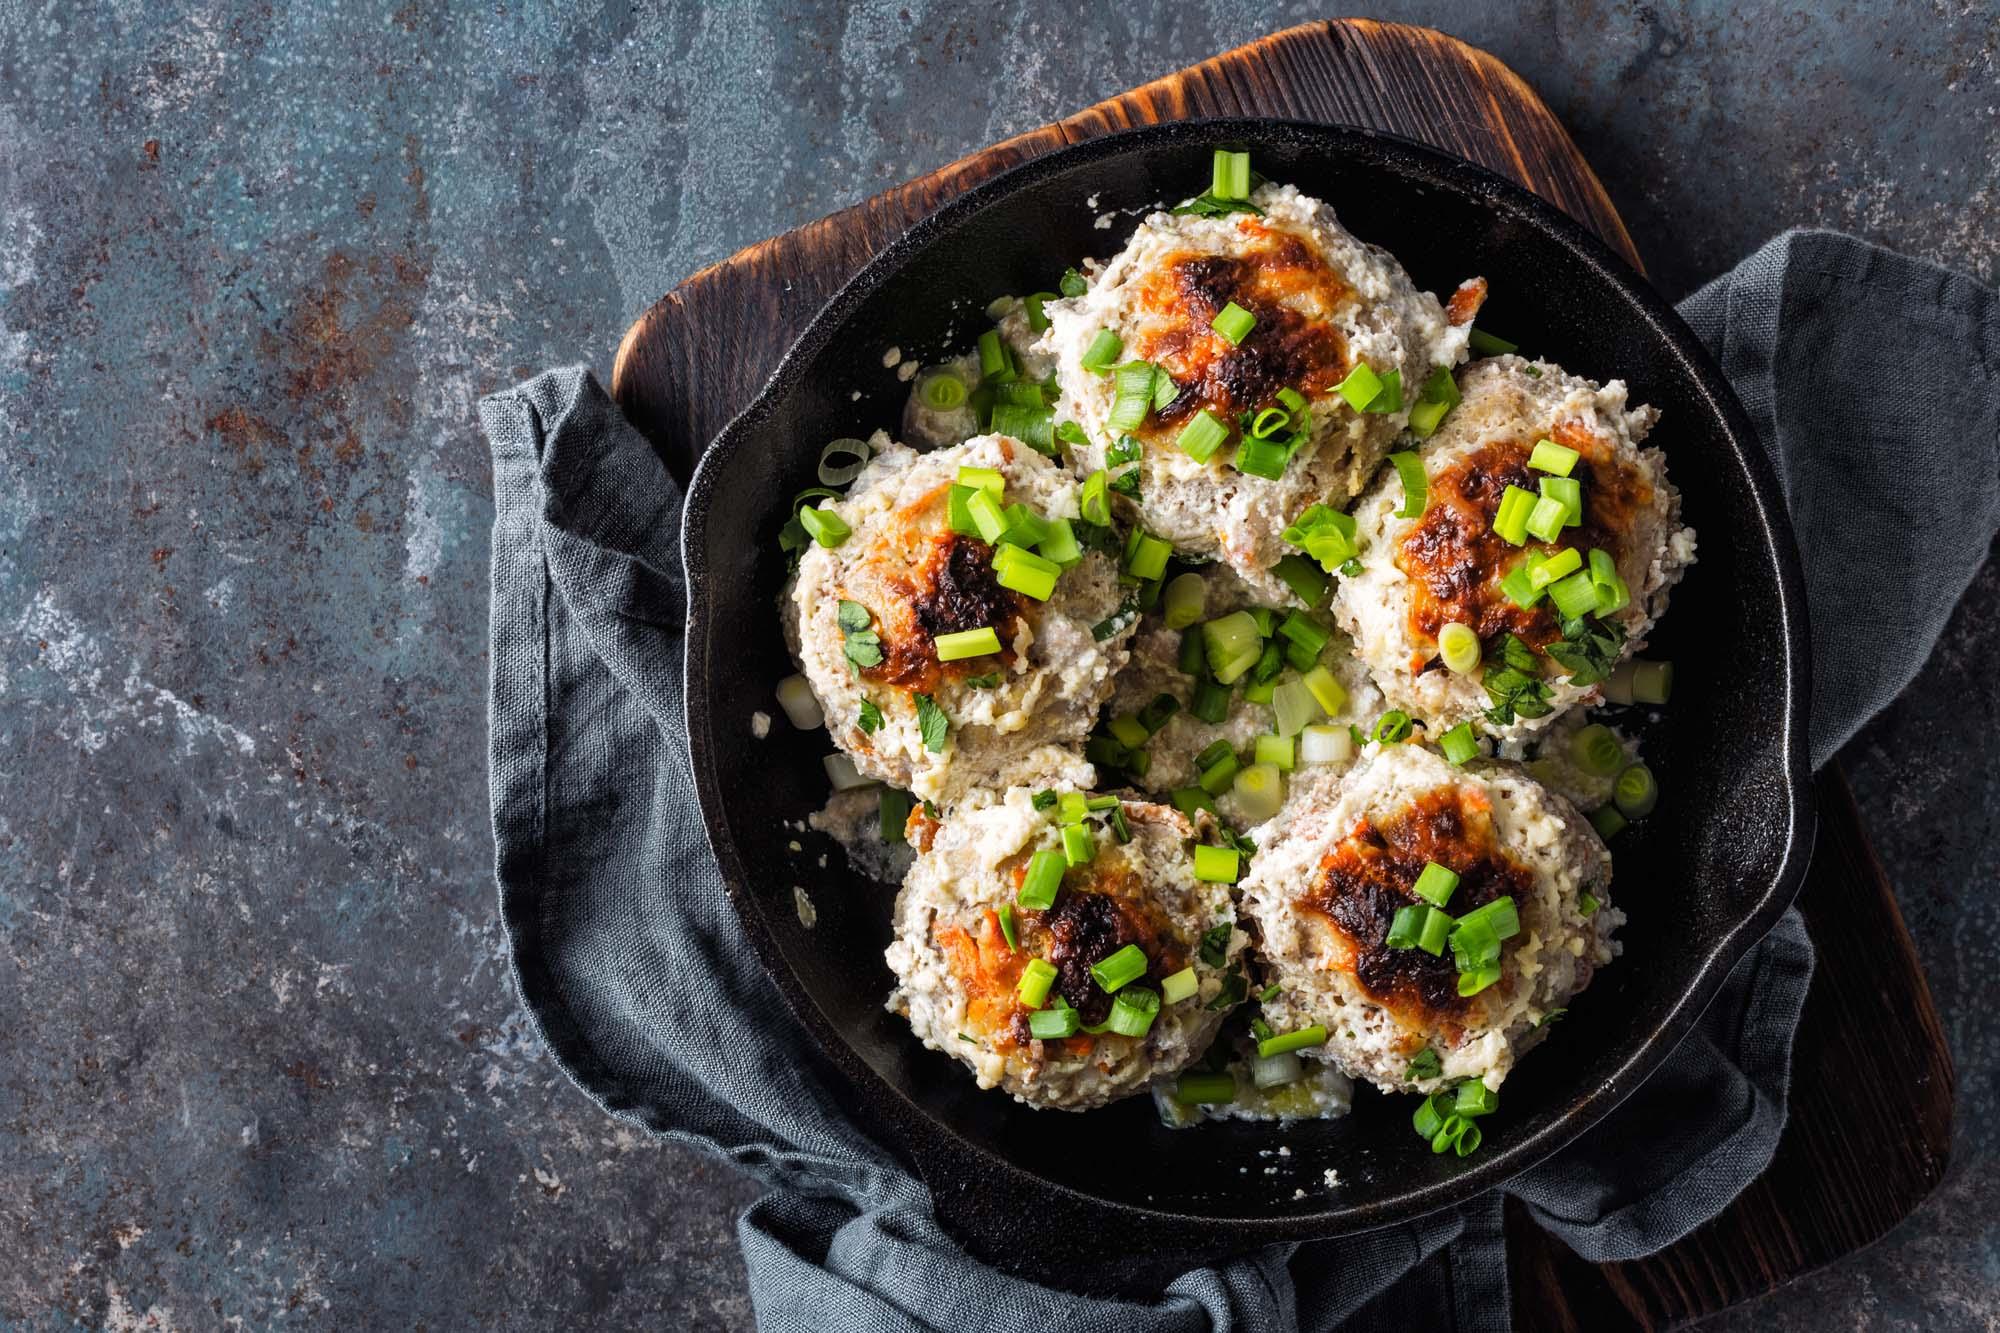 Ovnbagte kødboller med ramsløg, sprøde kartofler og coleslaw